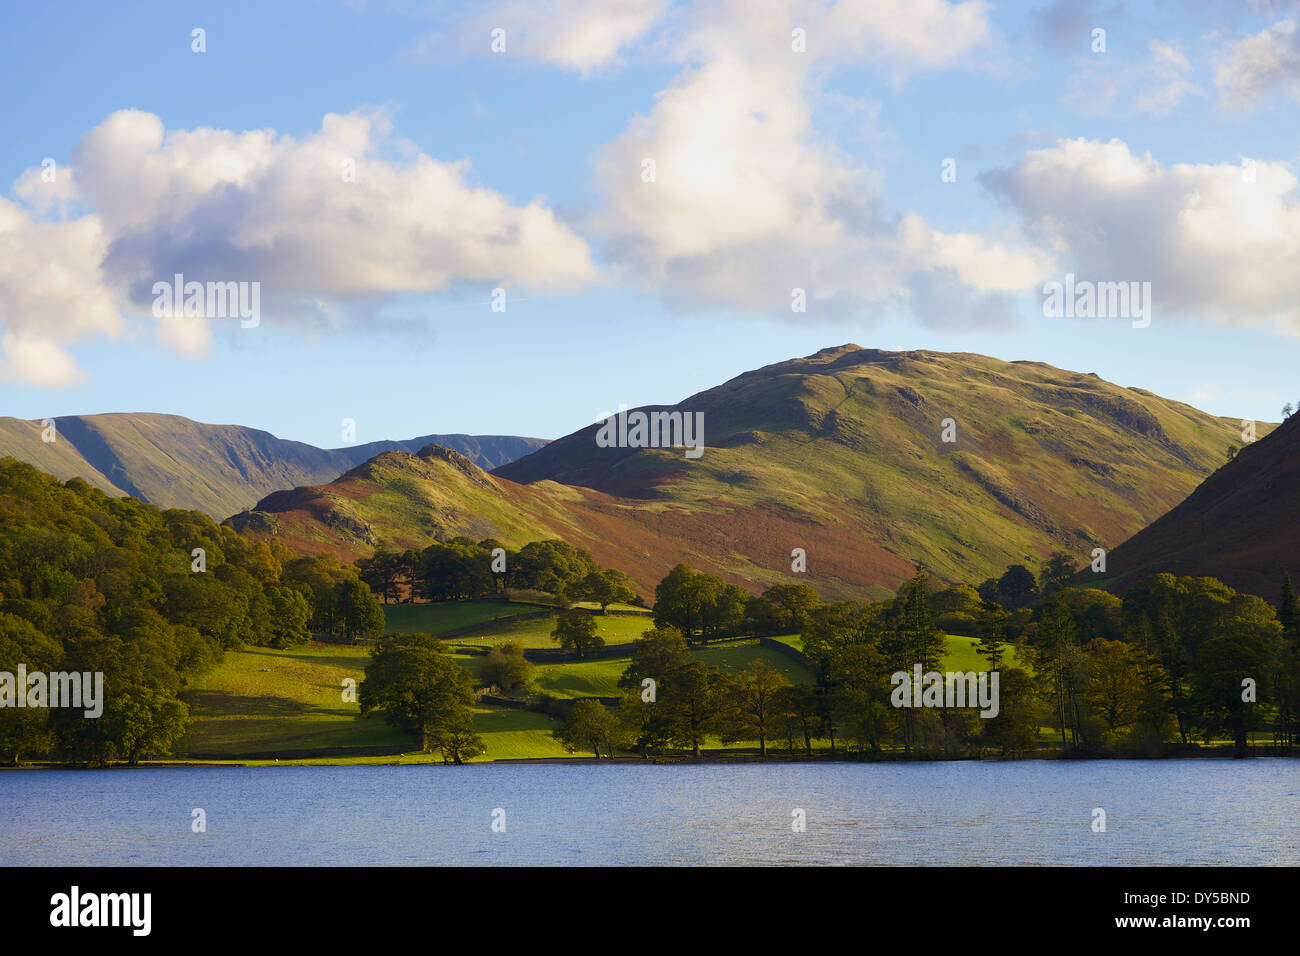 Il lago di scena con campi, alberi e colline. Testa di Beda, Sandwick Bay, nel distretto del lago, Inghilterra. Immagini Stock